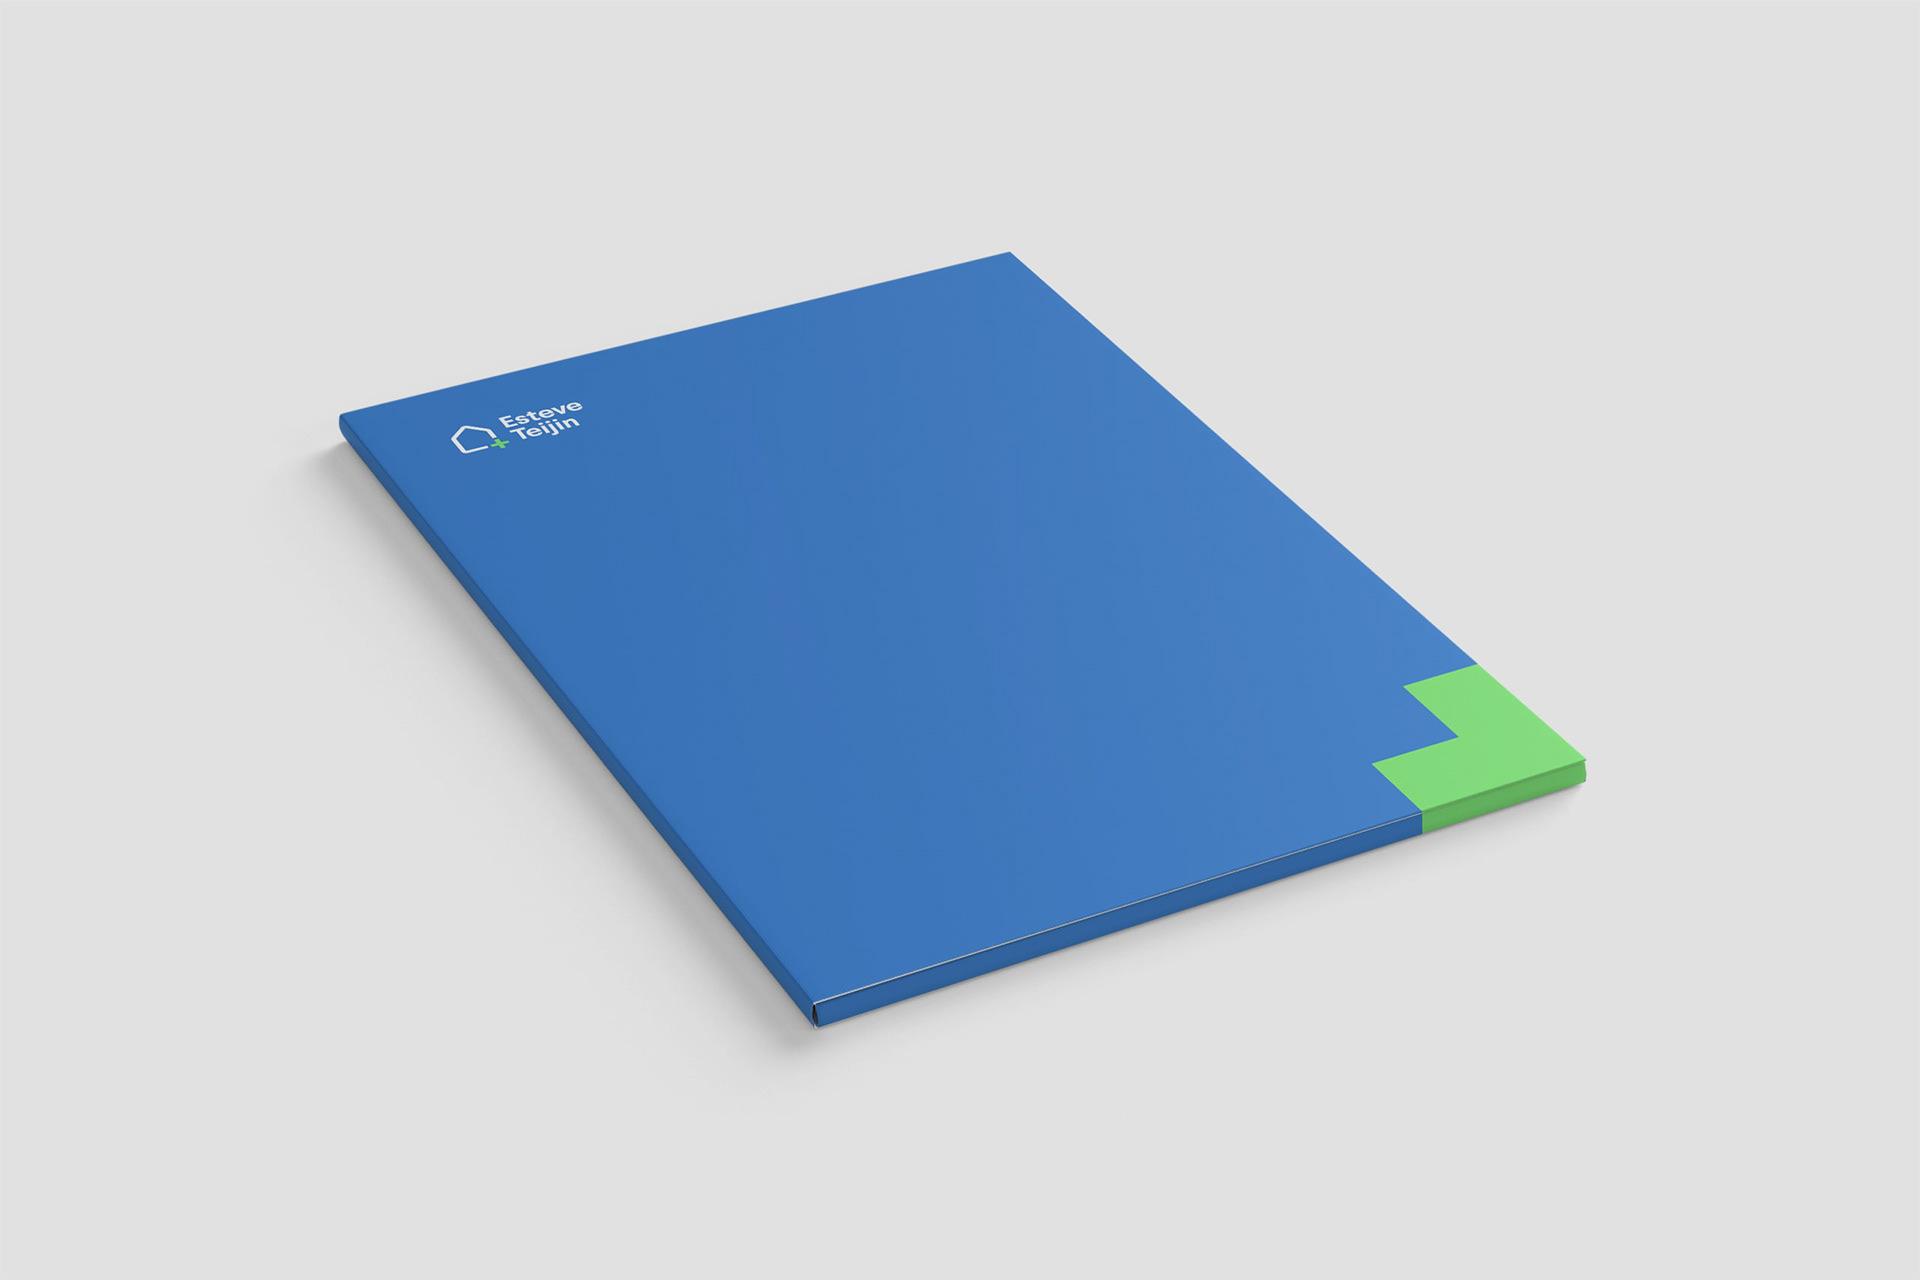 家庭健康治疗品牌Esteve Teijin的品牌VI设计欣赏-深圳VI设计4